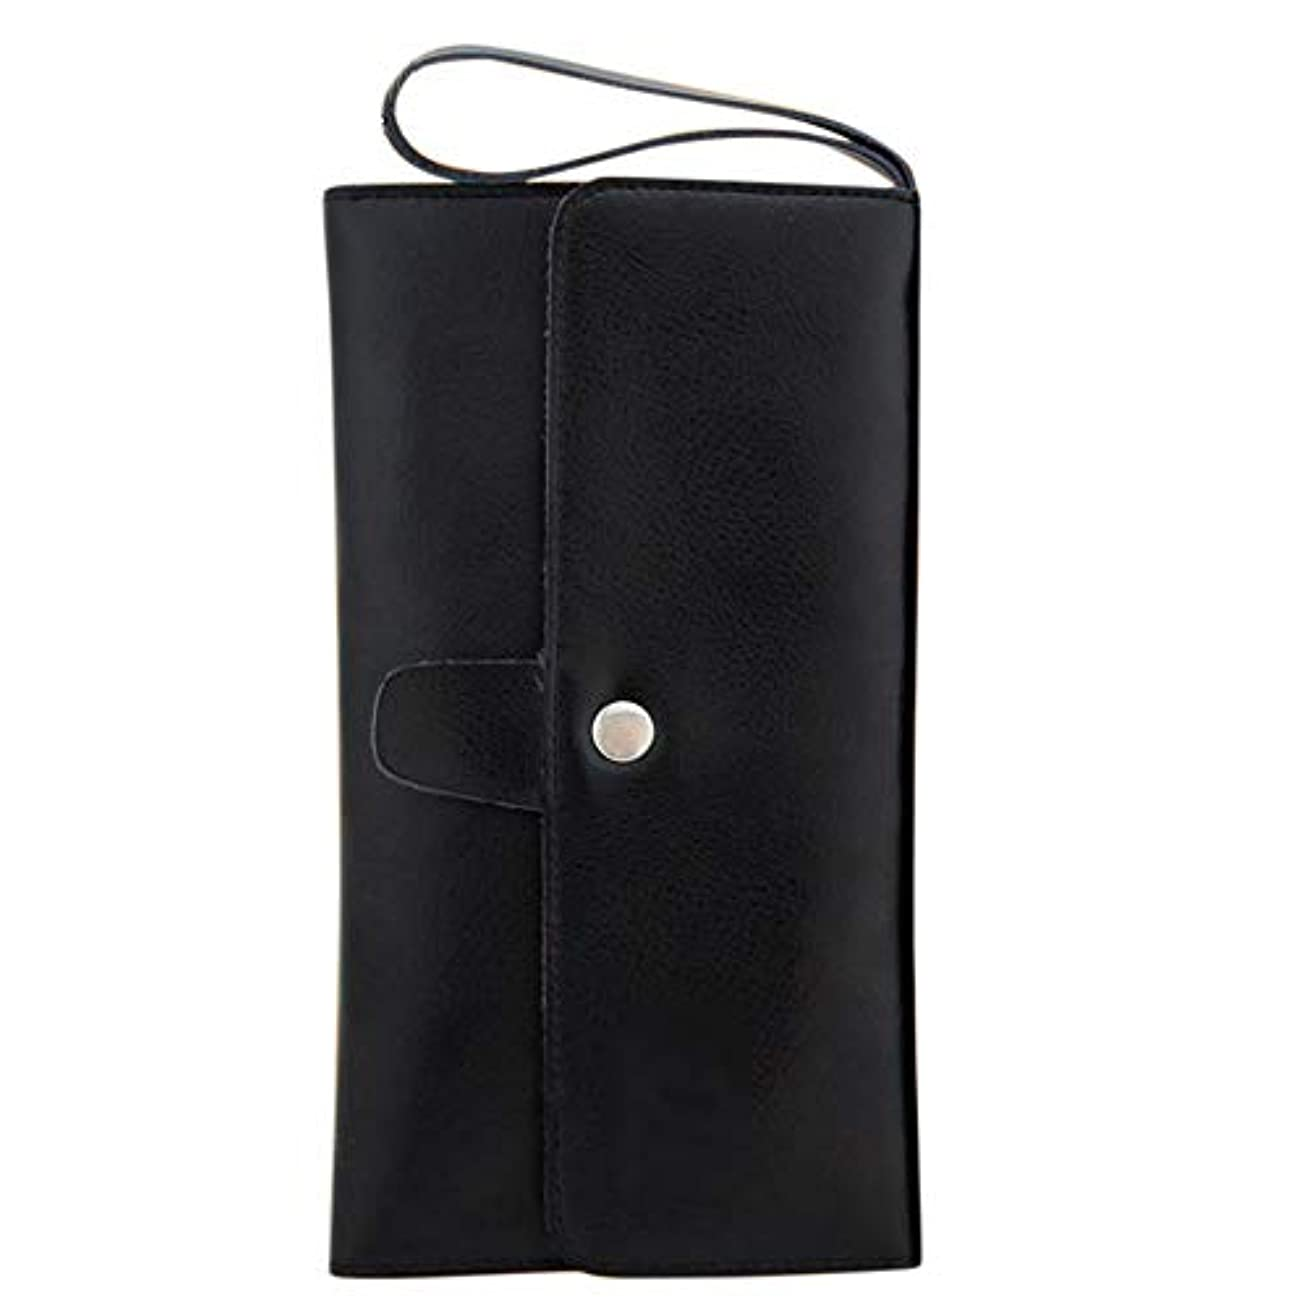 誰の靴下官僚ペットツールバッグレザーヘアはさみポーチバーバーくし収納袋 モデリングツール (色 : 黒)